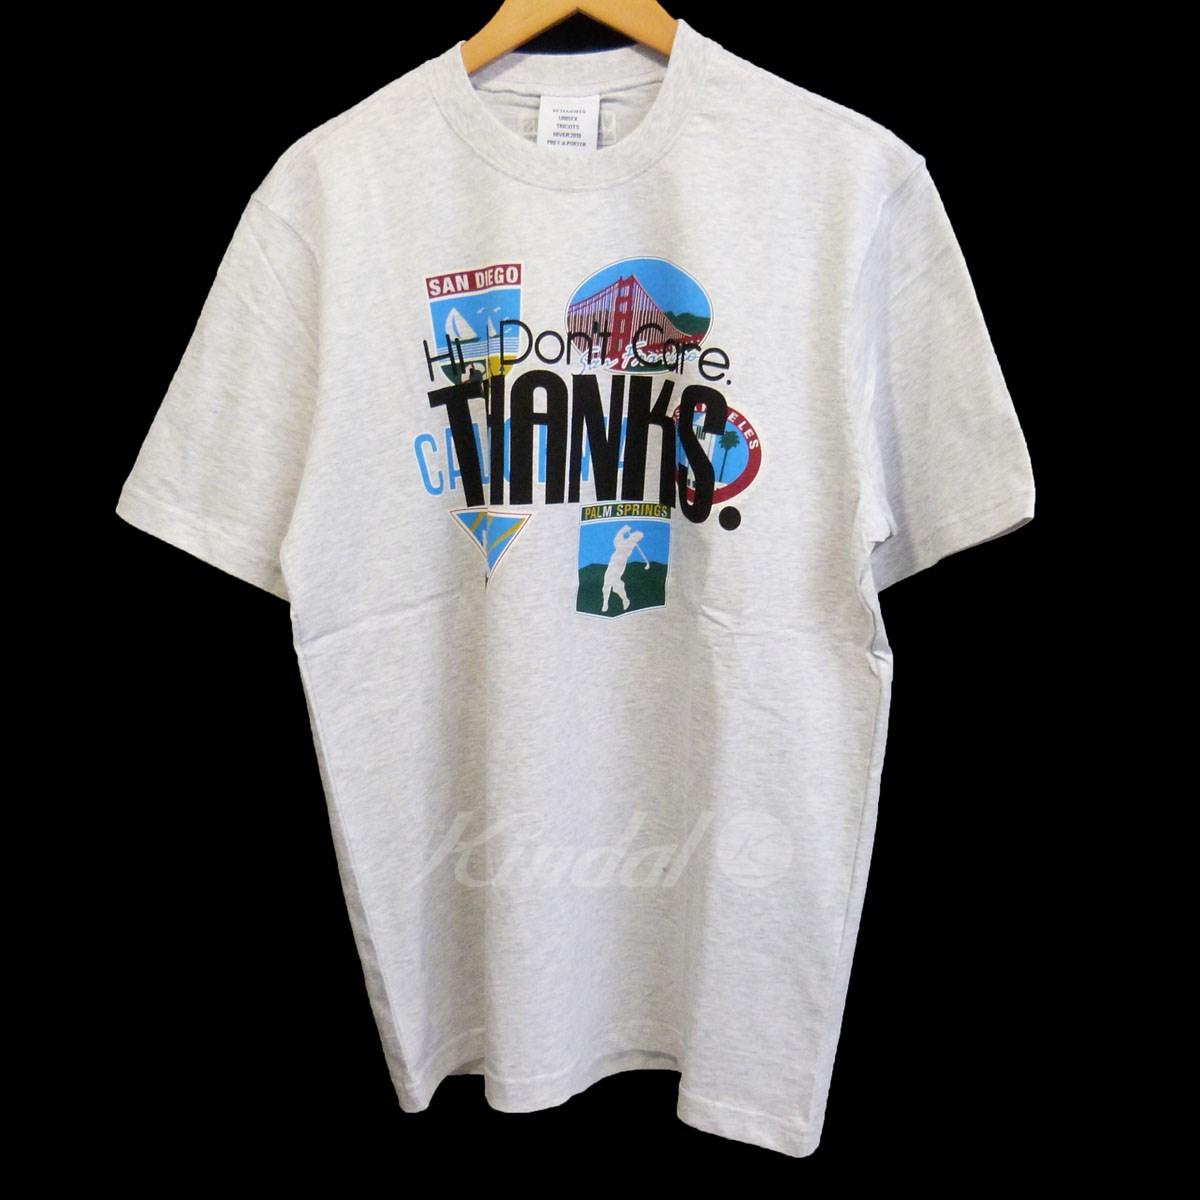 【中古】VETEMENTS 18AW「TOURIST T-SHIRT-CALIFORNIA」プリントTシャツ グレー サイズ:M 【070420】(ヴェトモン)